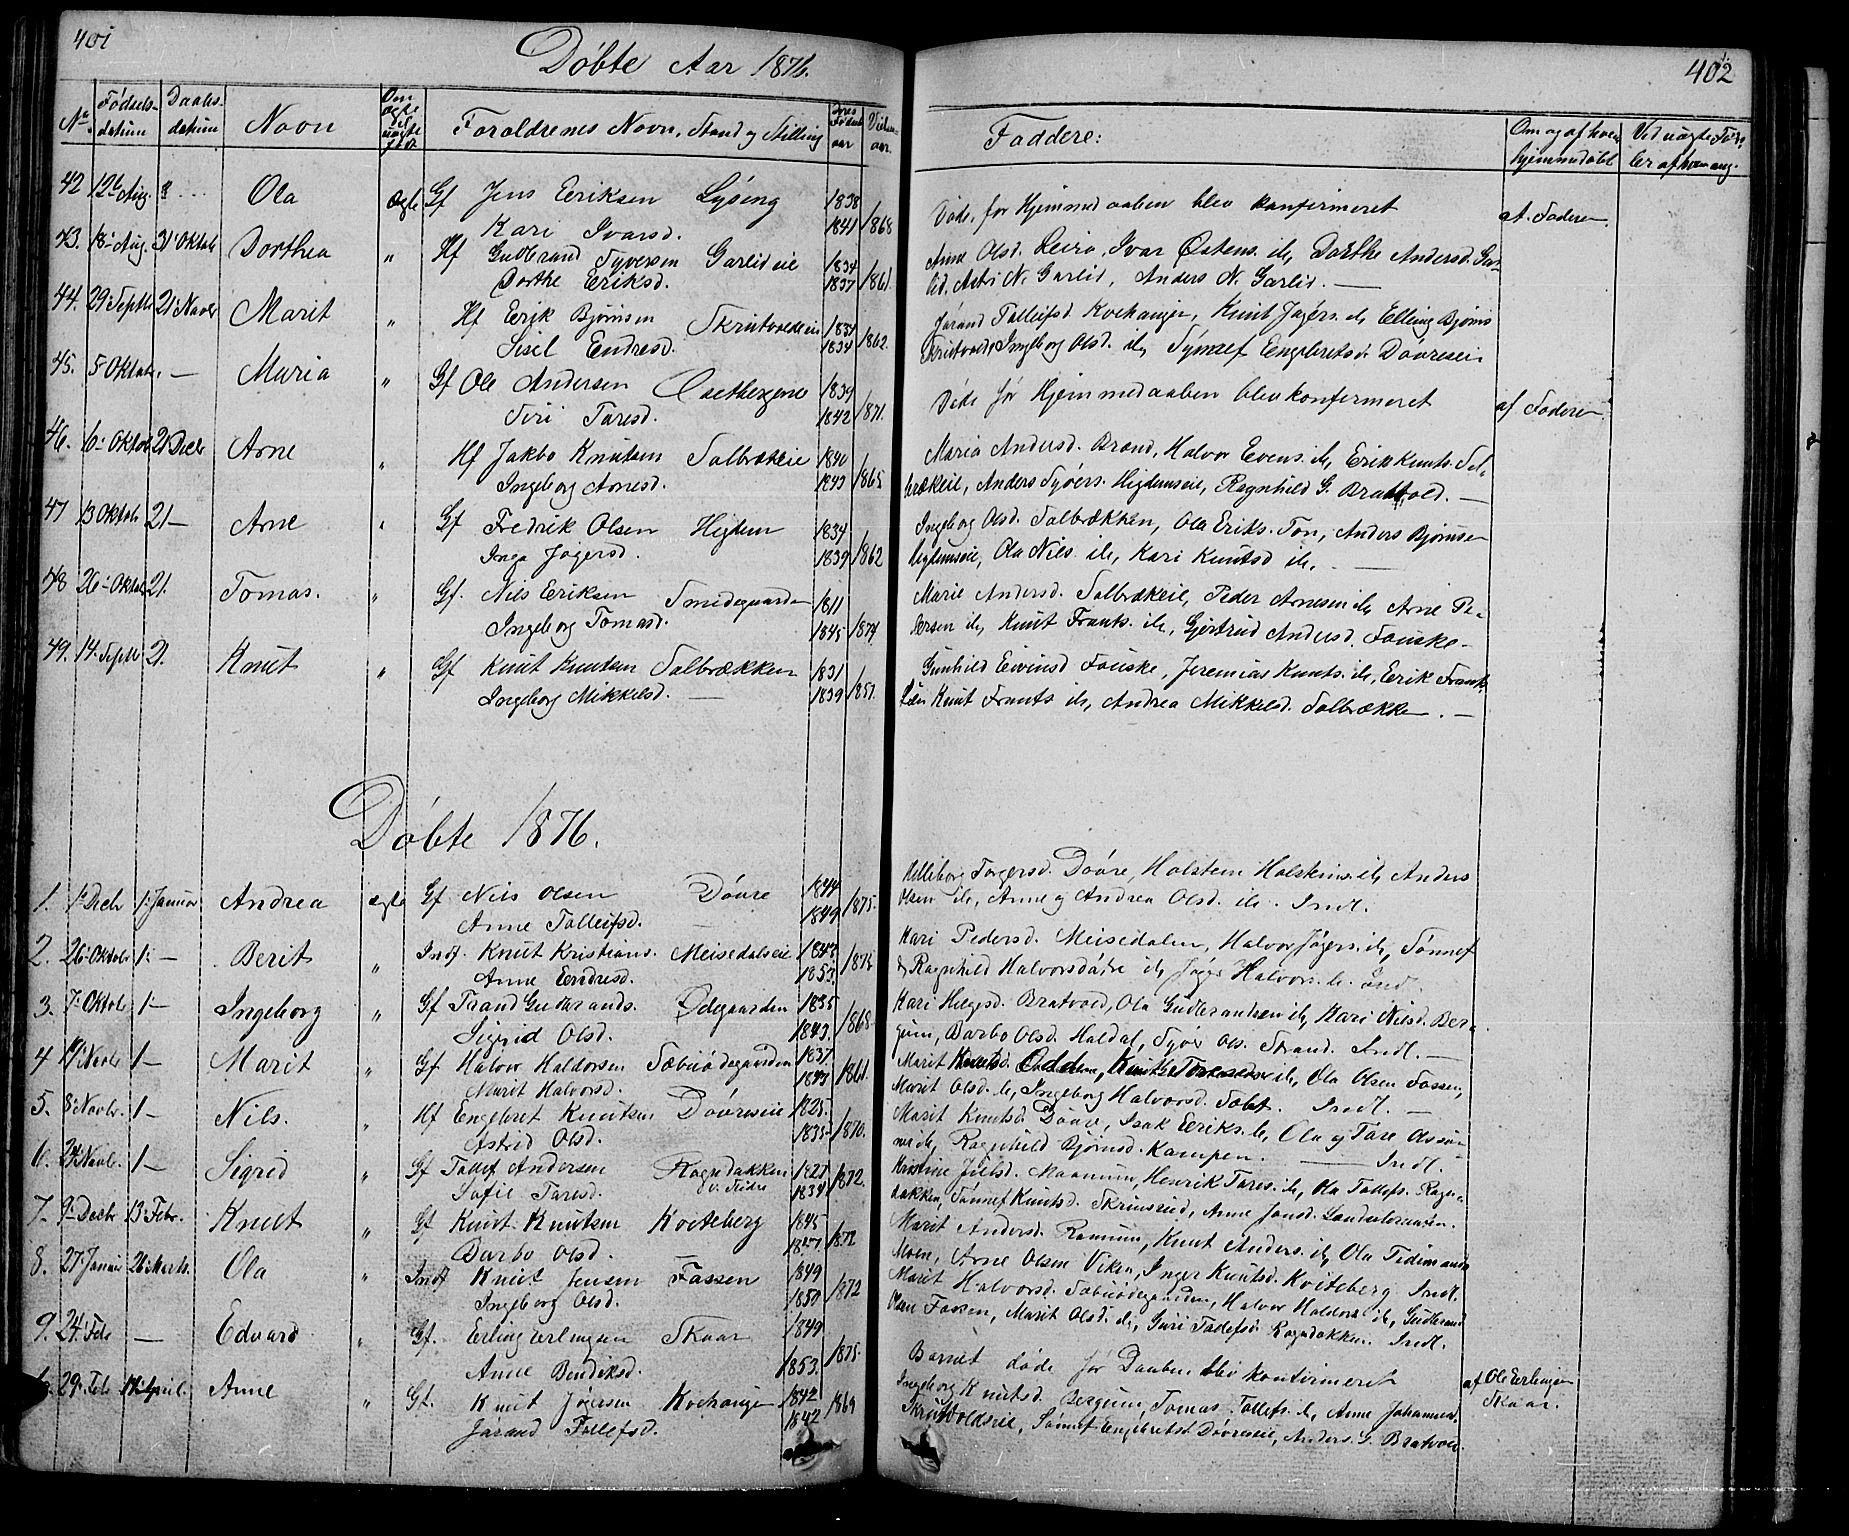 SAH, Nord-Aurdal prestekontor, Klokkerbok nr. 1, 1834-1887, s. 401-402